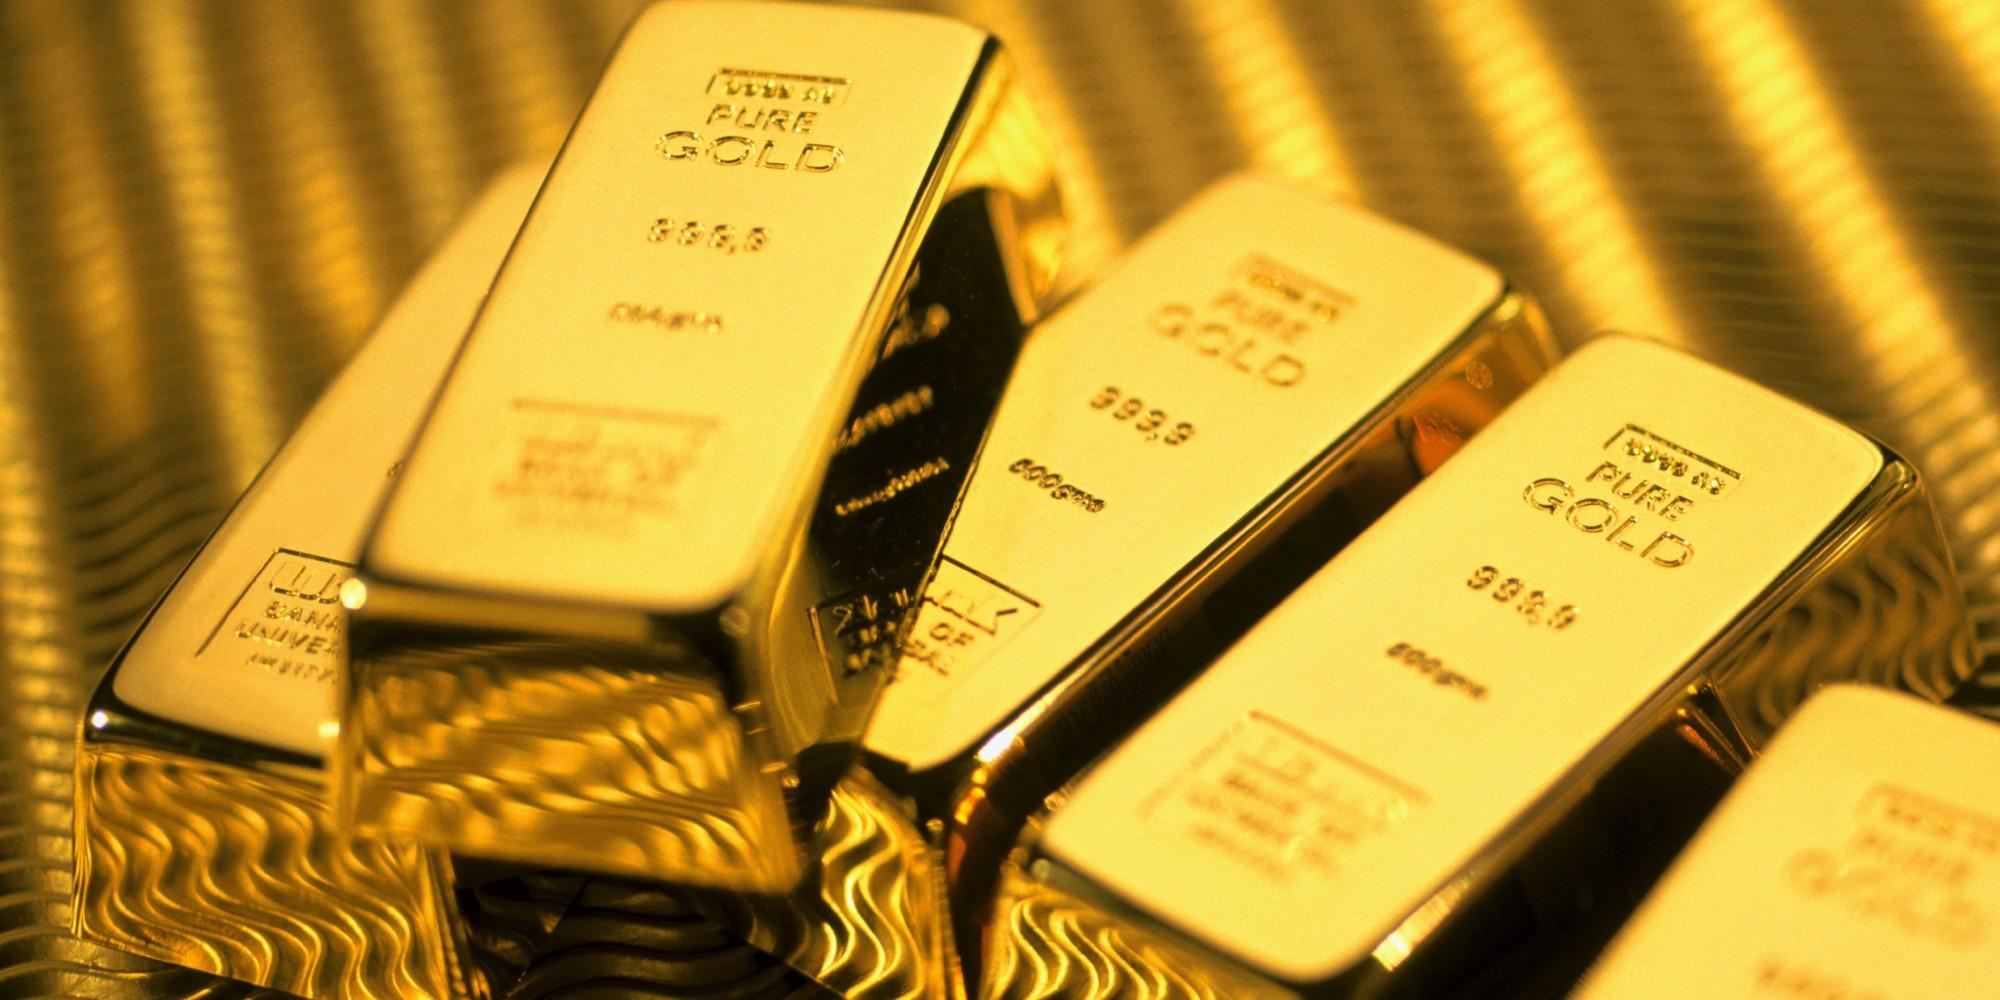 Hiện chênh lệch giữa giá vàng trong nước và giá vàng thế giới đang ở mức 2,5 triệu đồng/lượng